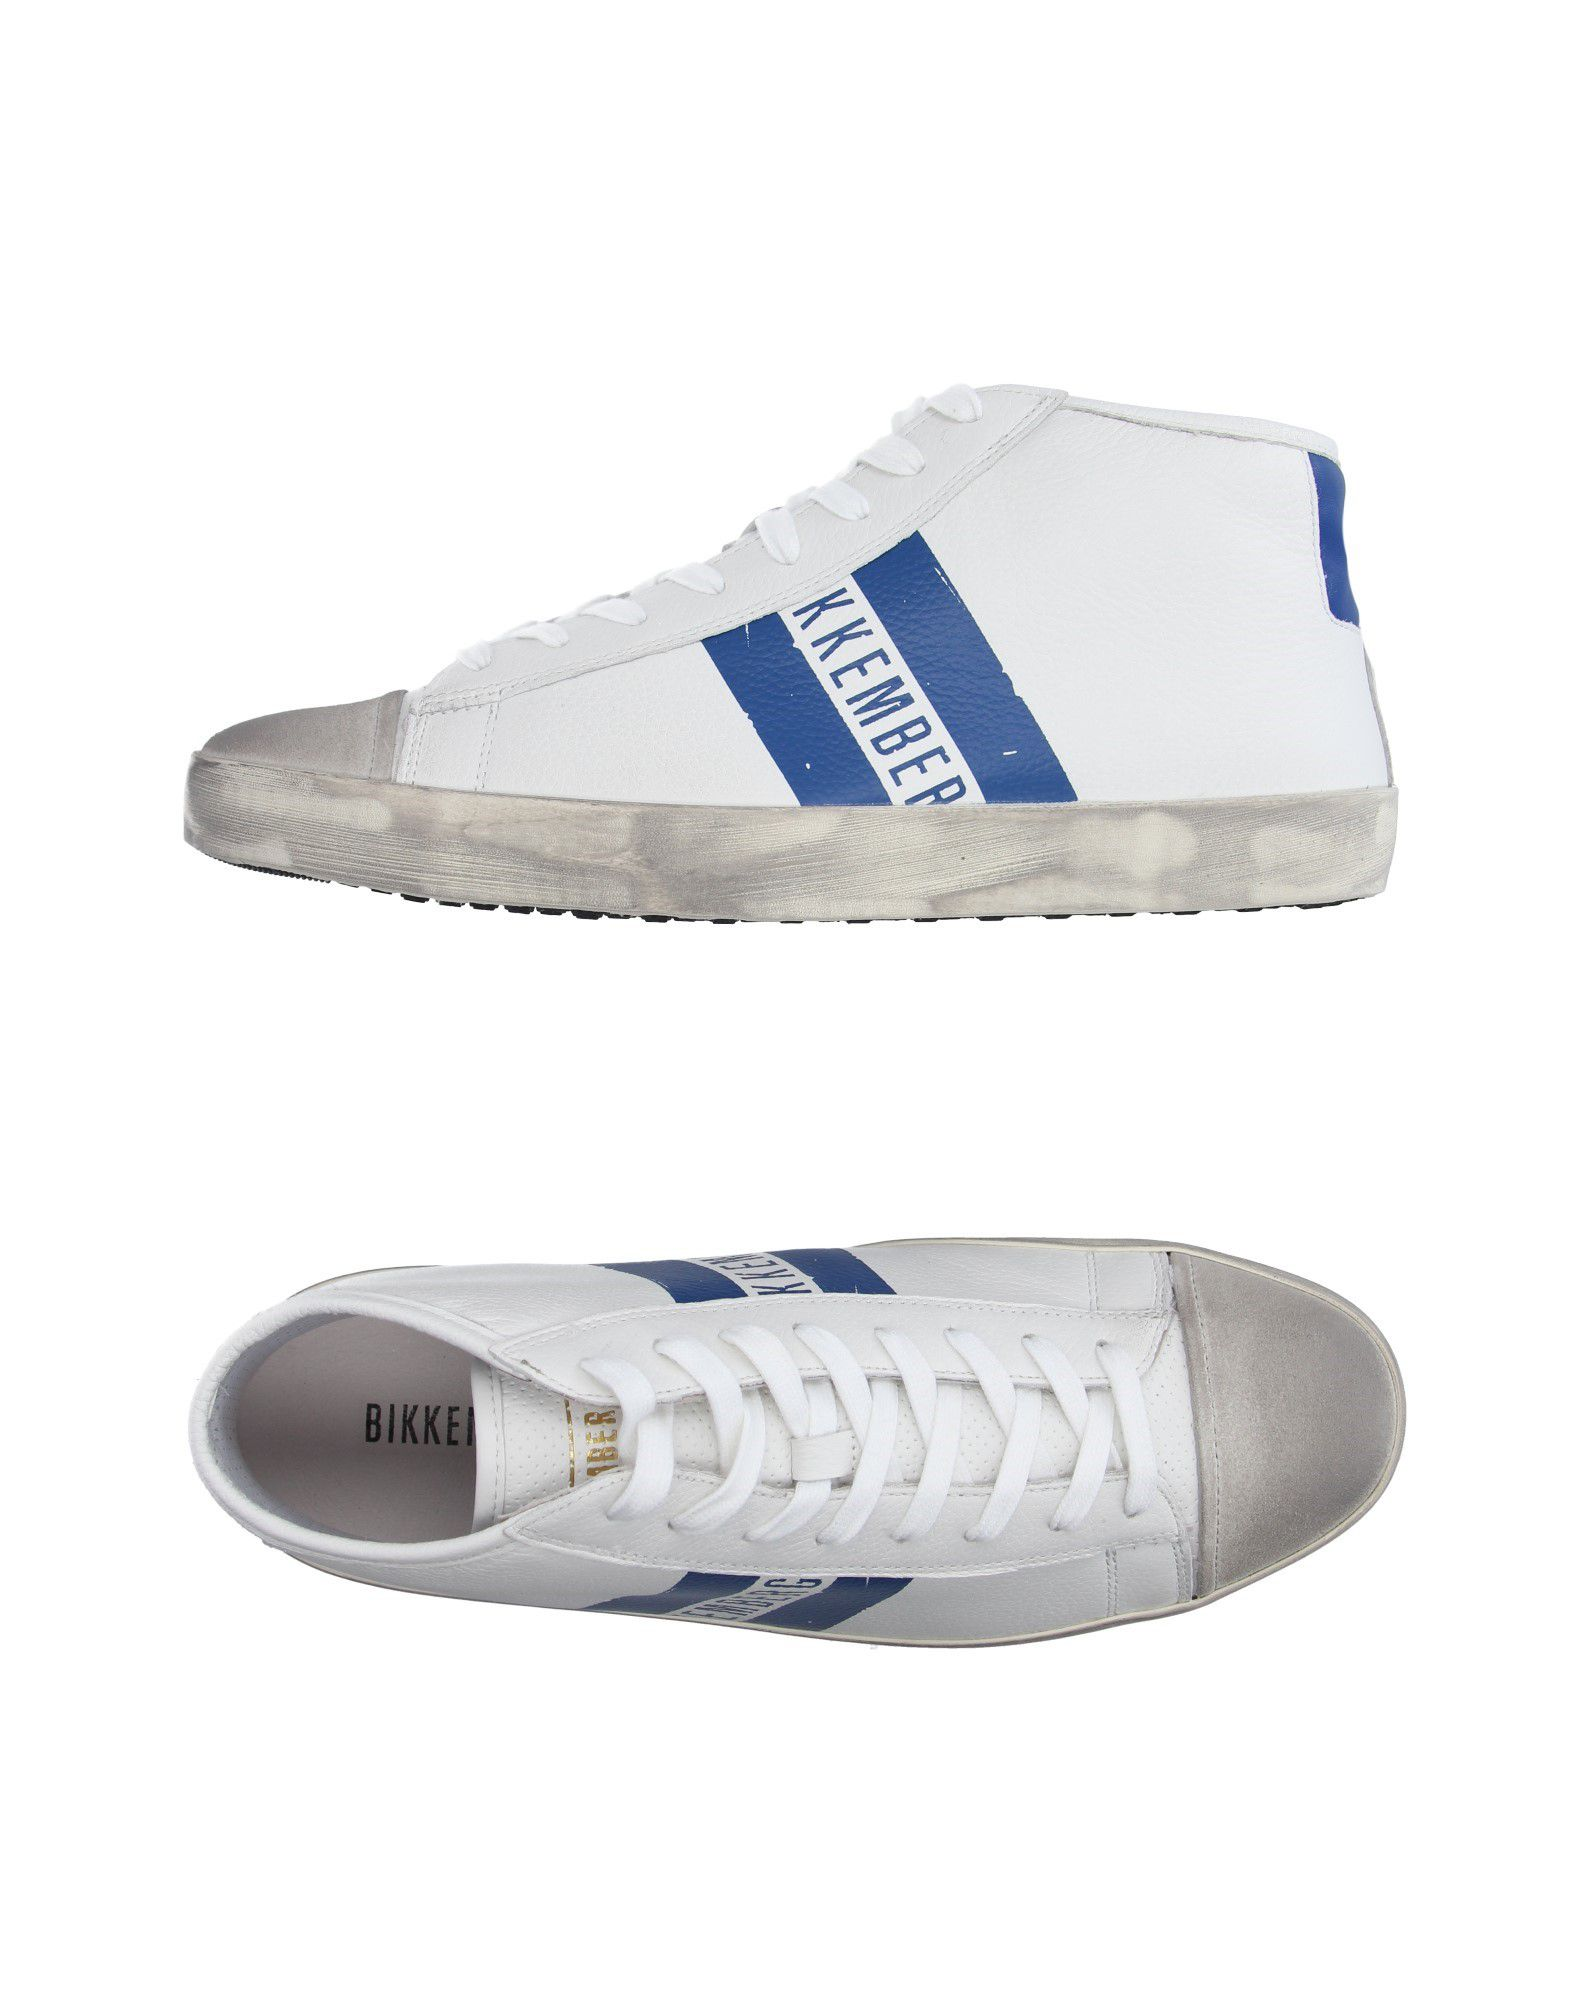 Rabatt echte Schuhe Bikkembergs Sneakers Herren  11142873RW